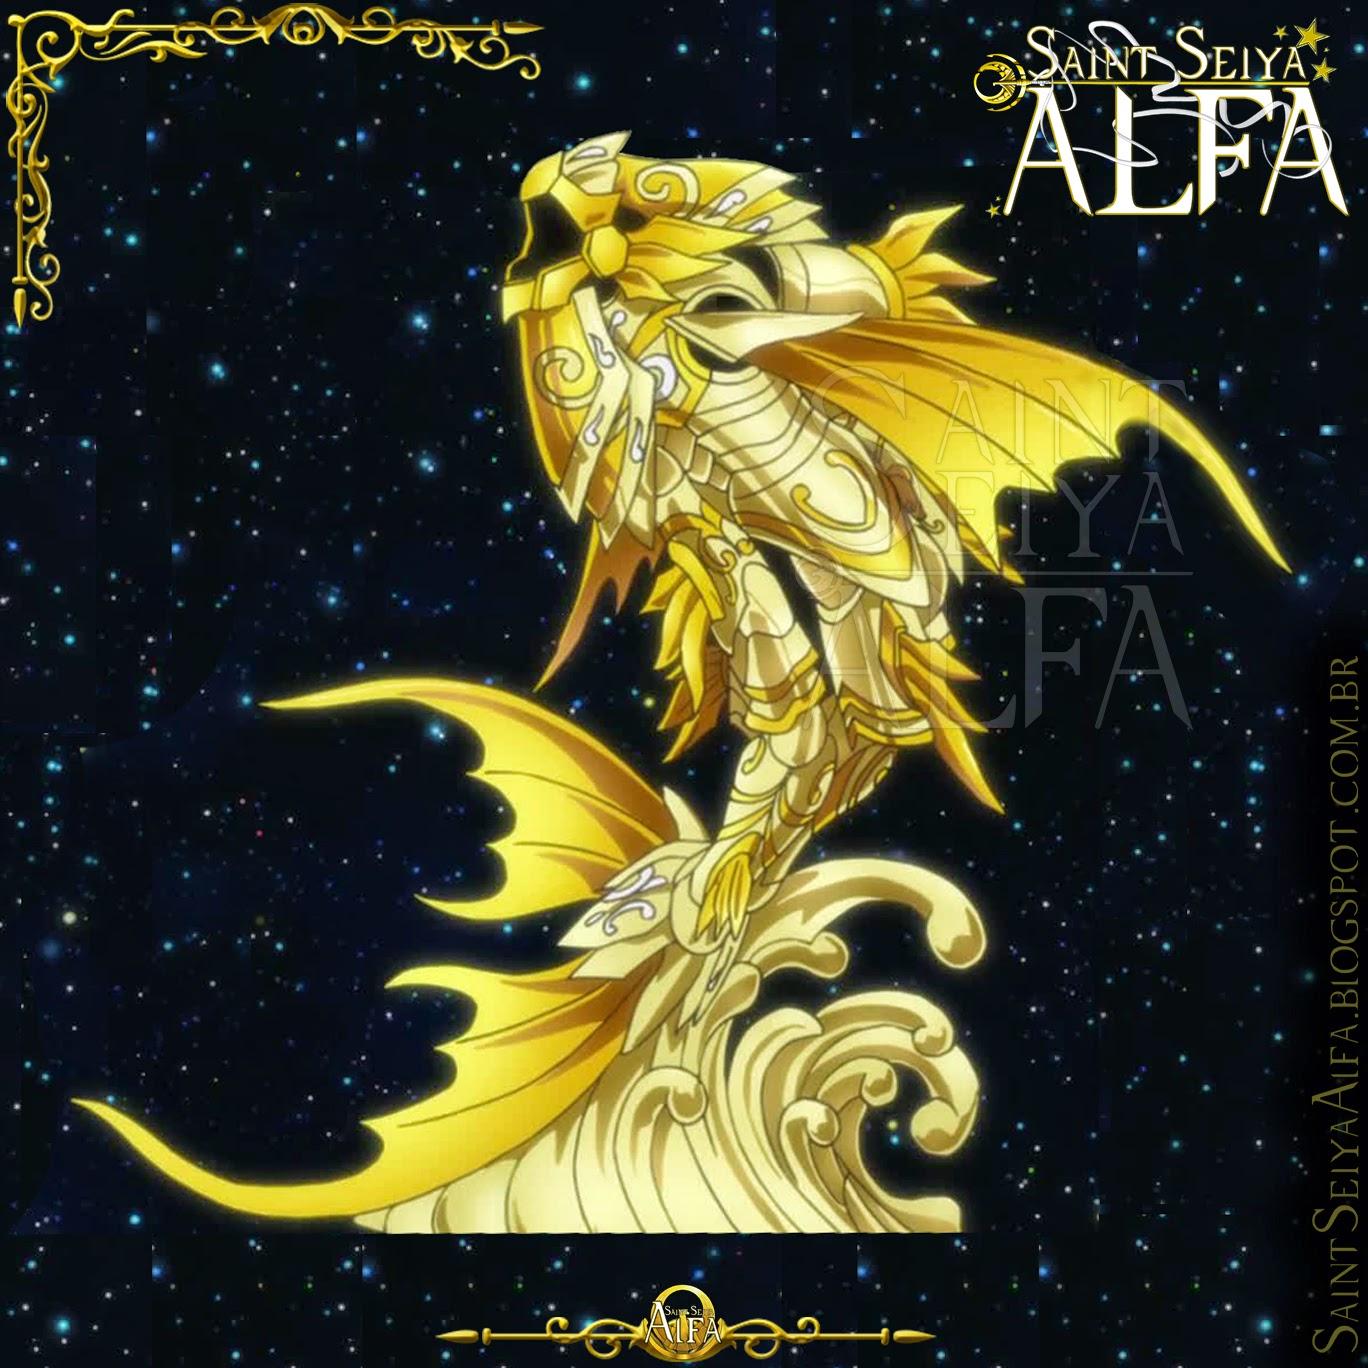 [Comentários] Saint Seiya - Soul of Gold - Página 10 C%2B012